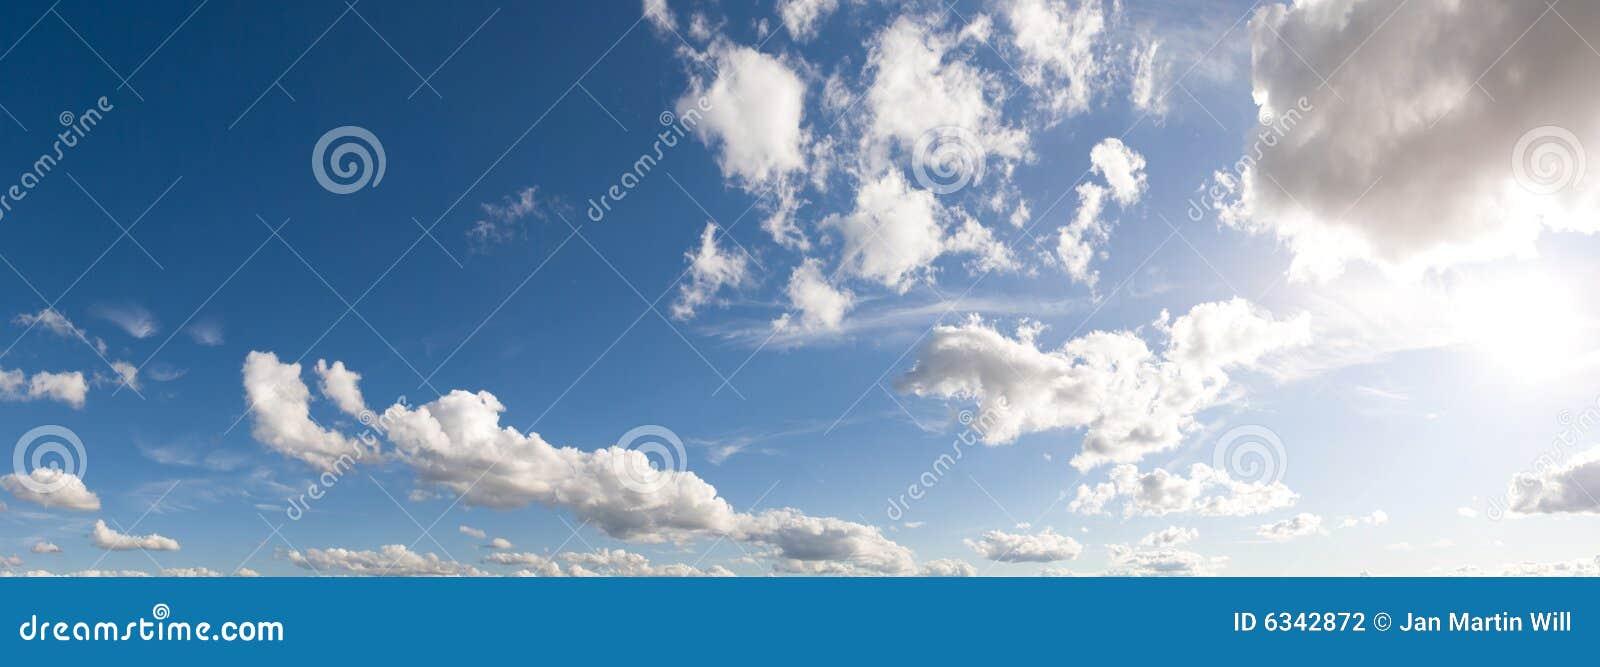 Céu panorâmico